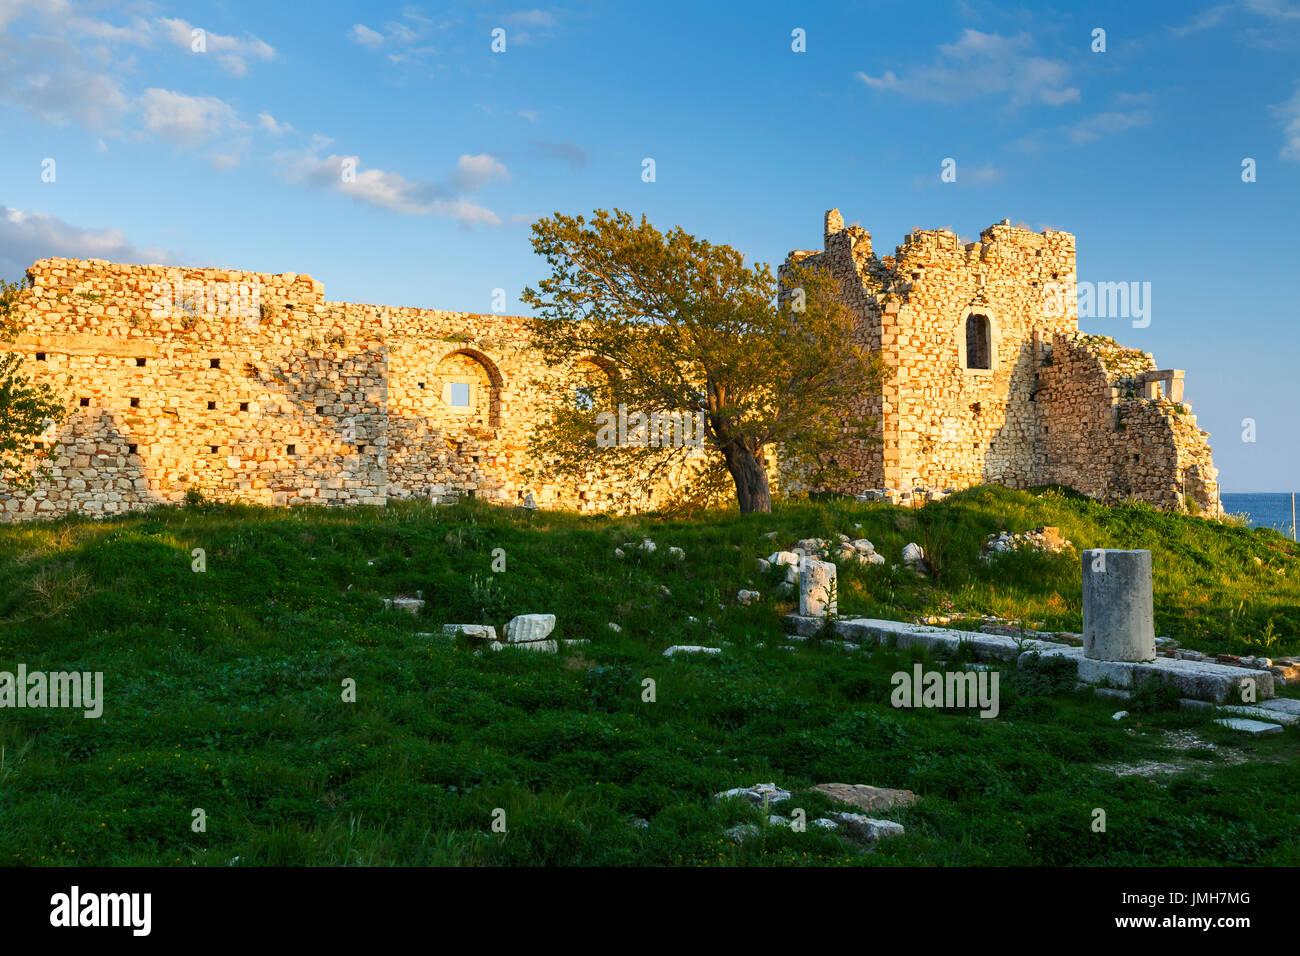 Castle in Pythagorio town on Samos island, Greece. Stock Photo